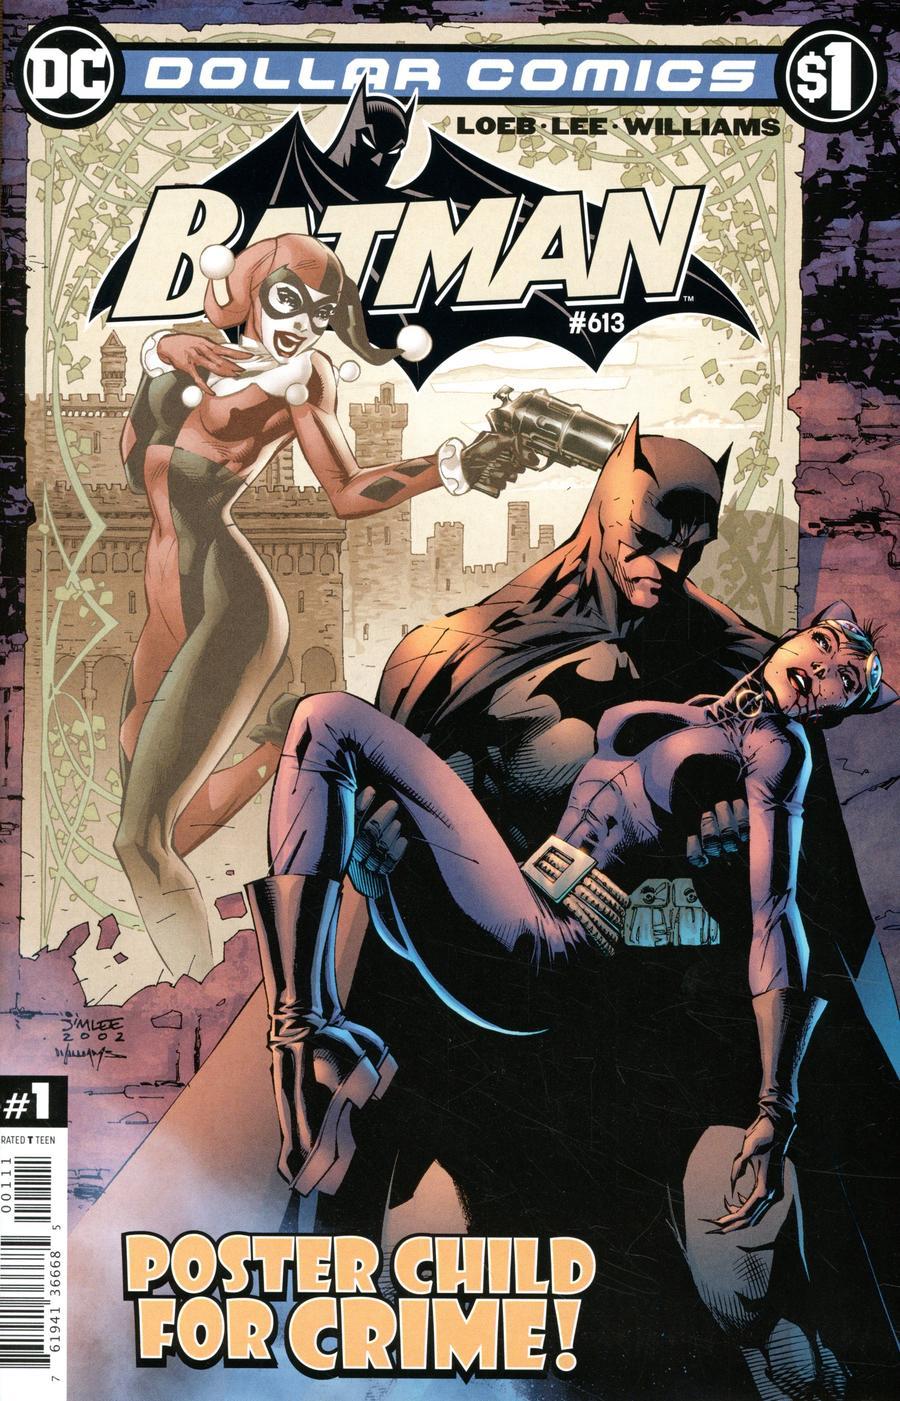 Dollar Comics Batman #613